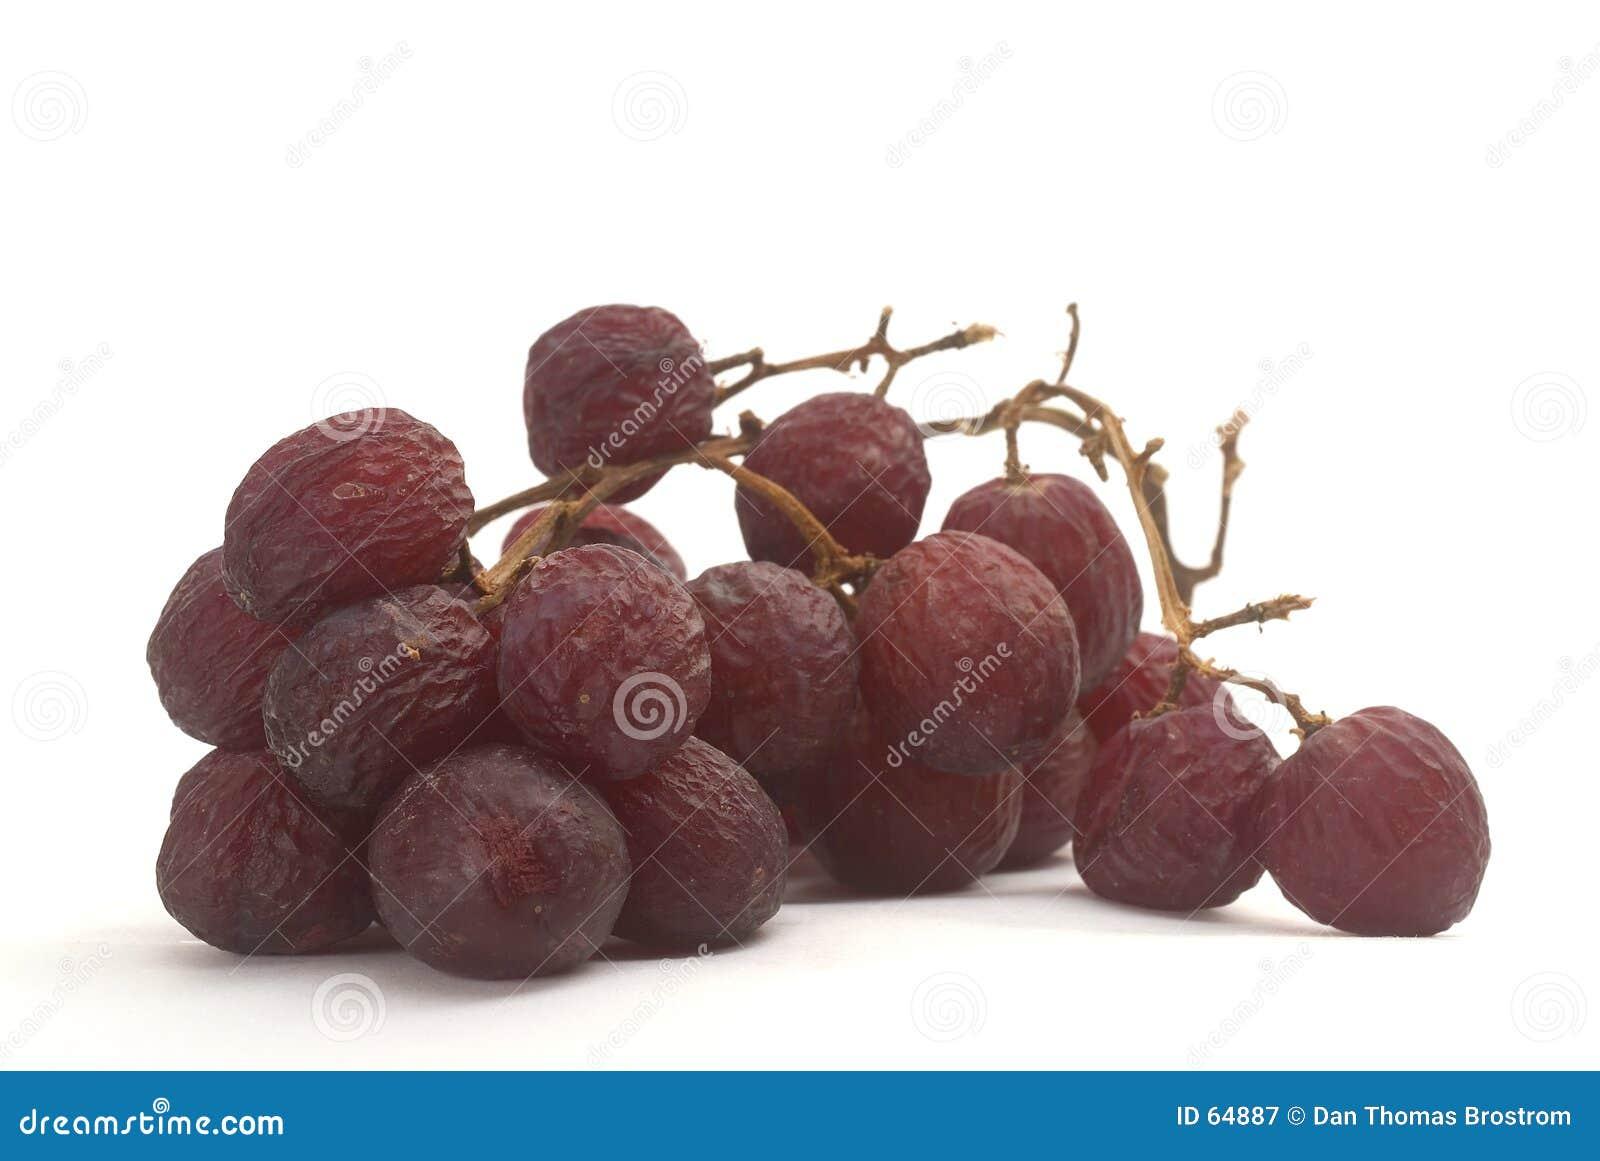 Starzeń winogron,